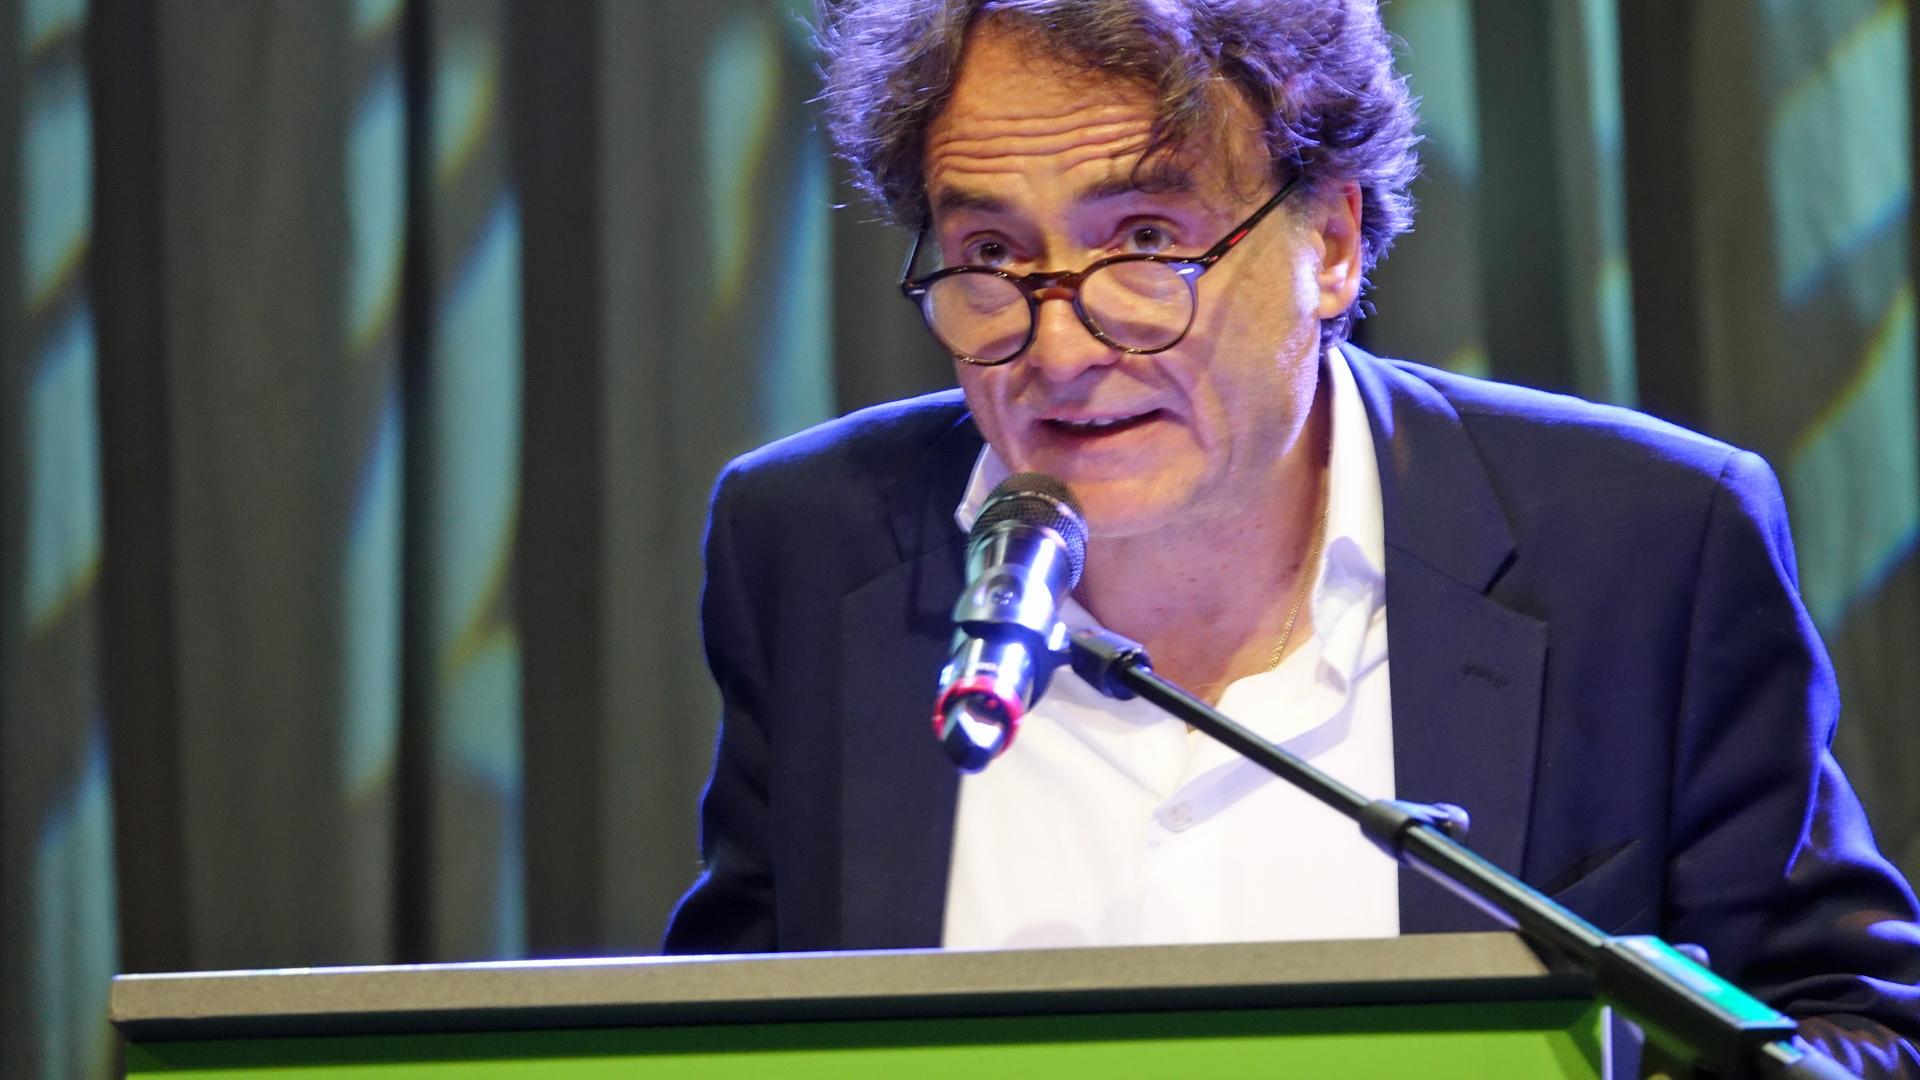 Zeit-Chefredakteur Giovanni Di Lorenzo bei seiner Andacht